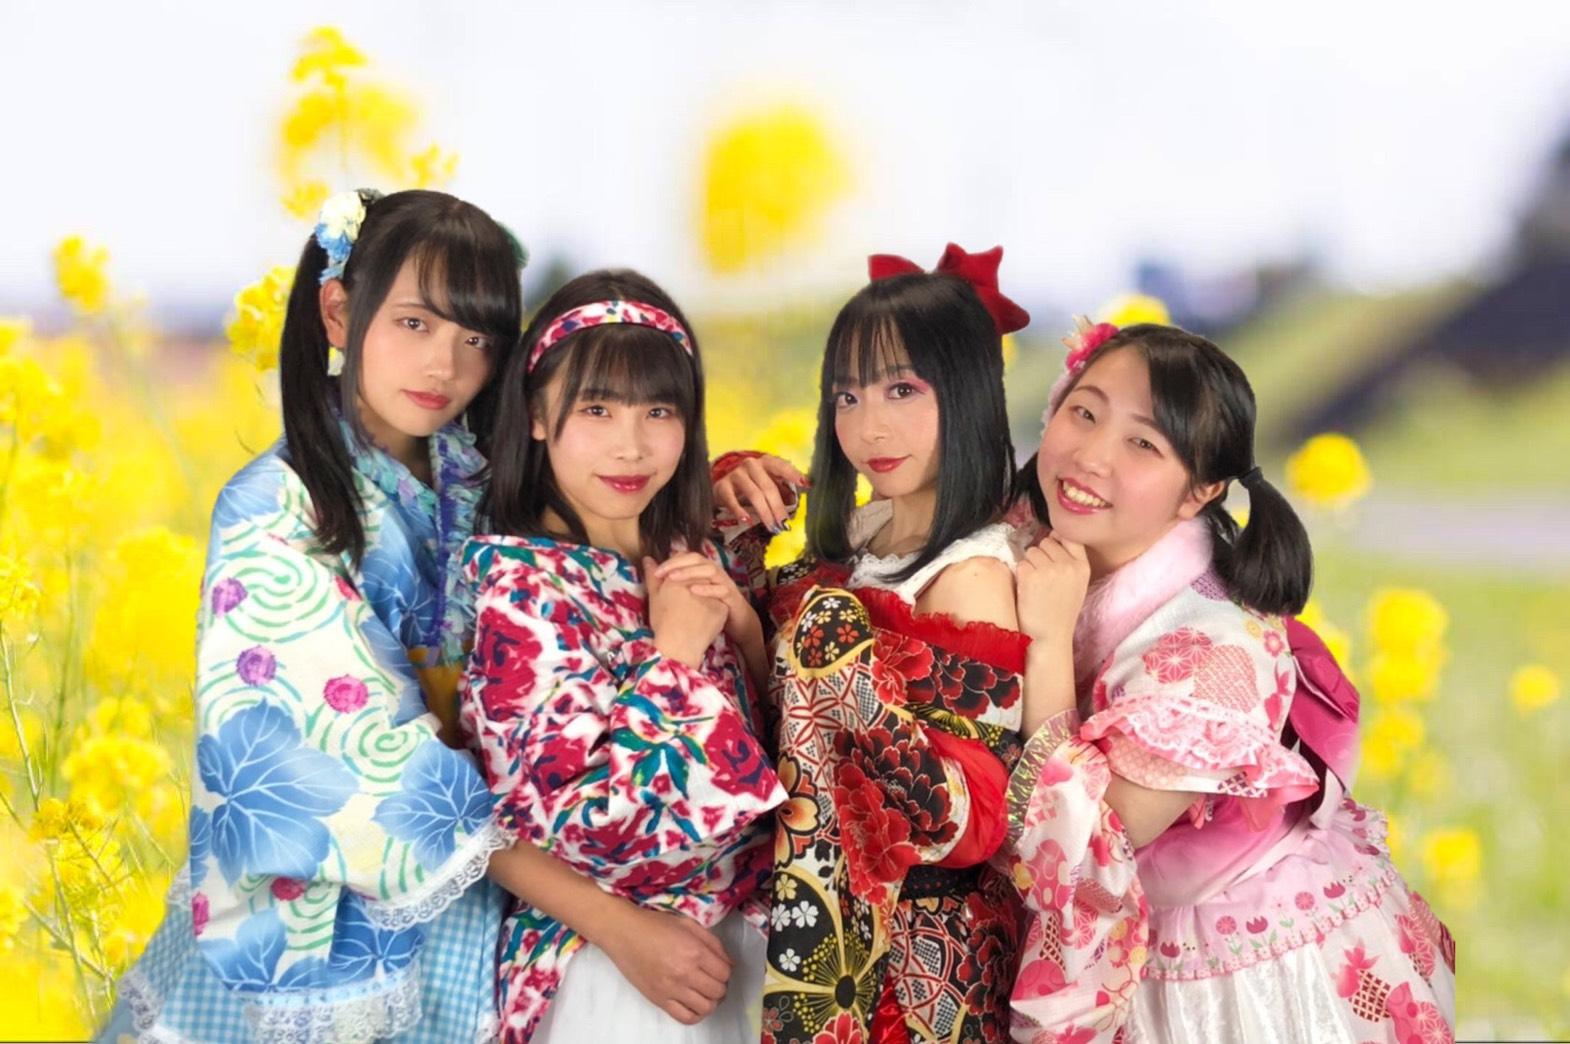 オーディション CHIBA Flower Girls 姉妹グループメンバー募集 主催:EAST HOUSE CO LTD、カテゴリ:アイドル(元気系)